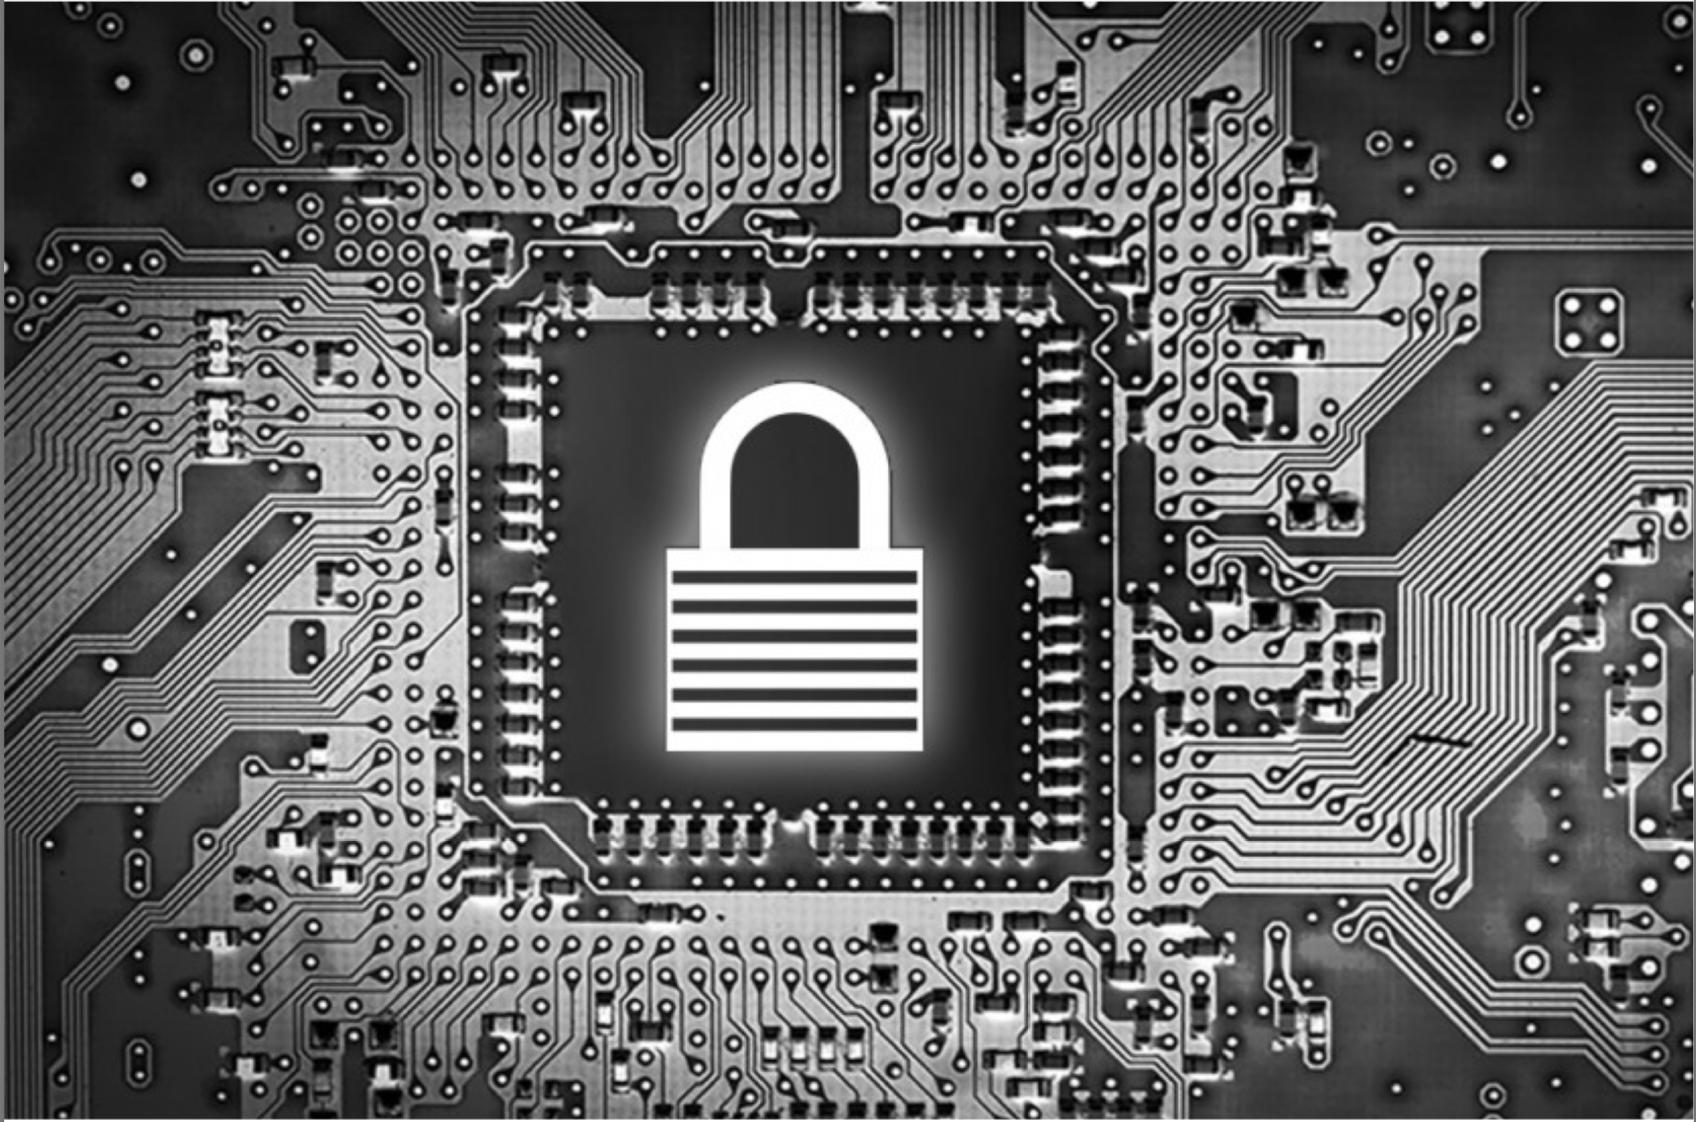 Сведения об уязвимостях спекулятивного выполнения в центральных процессорах ARM и Intel